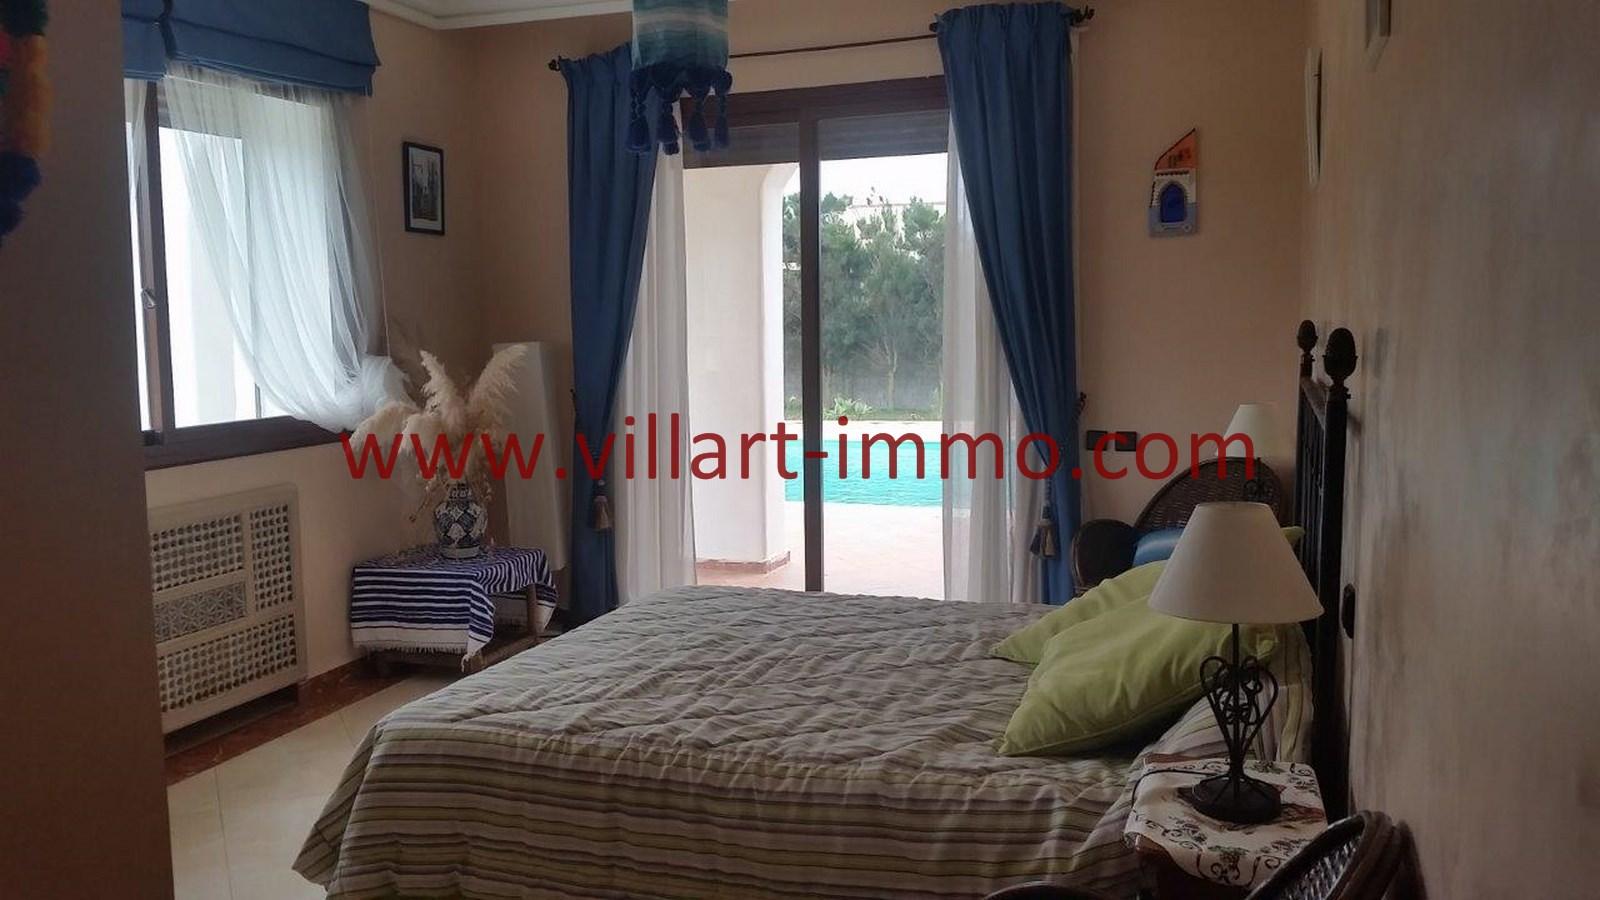 8-a-louer-villa-meublee-tanger-achakar-chambre-1-lsat914-villart-immo